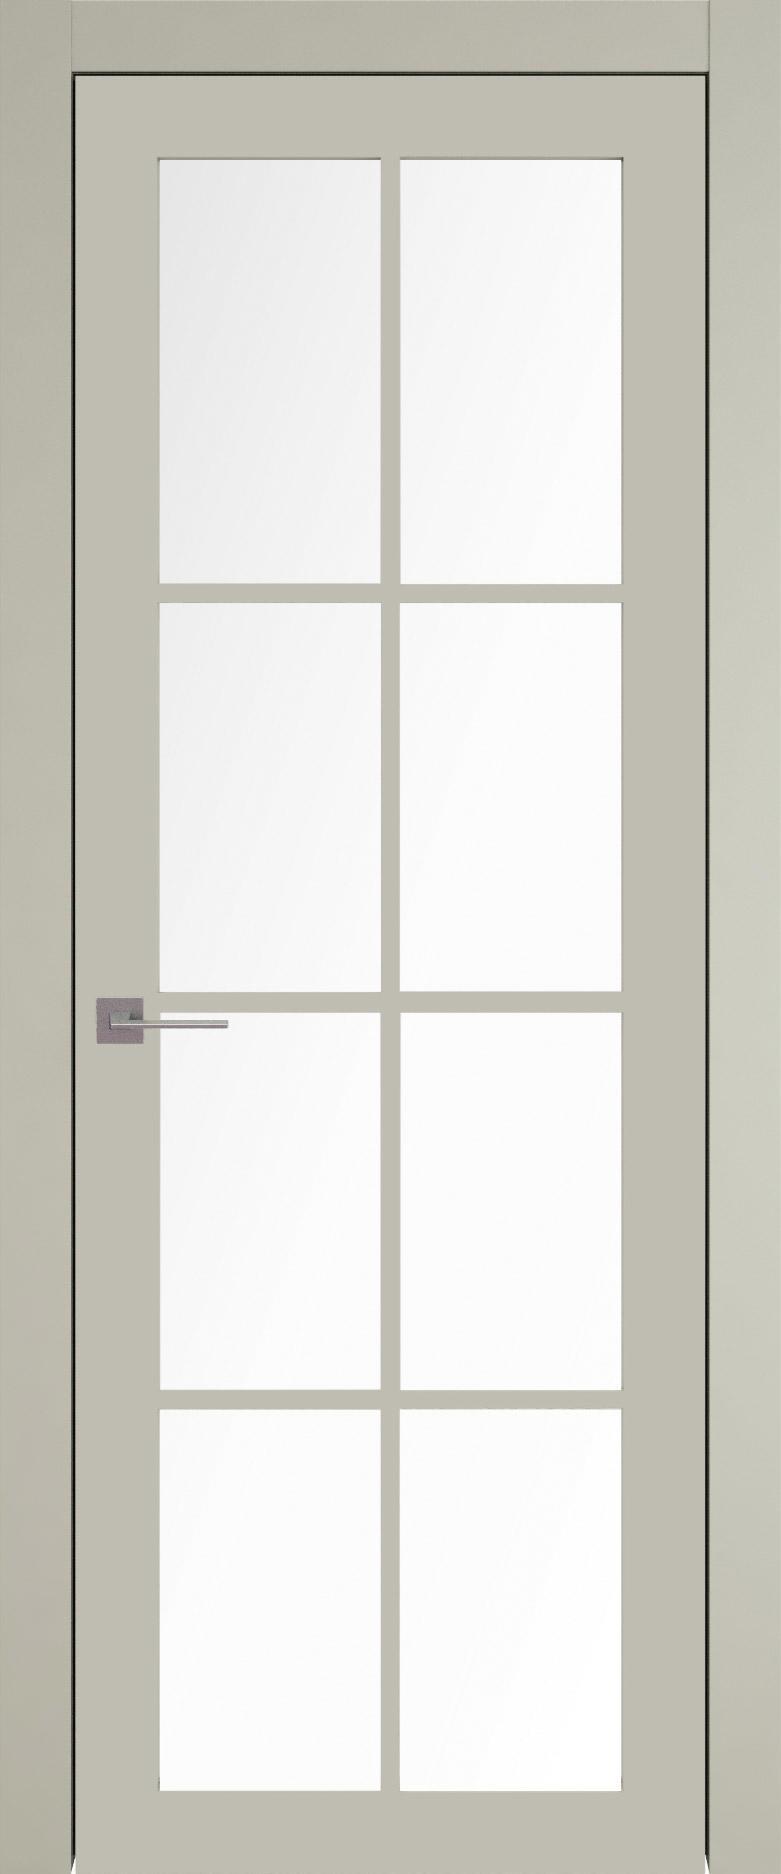 Tivoli З-5 цвет - Серо-оливковая эмаль (RAL 7032) Со стеклом (ДО)